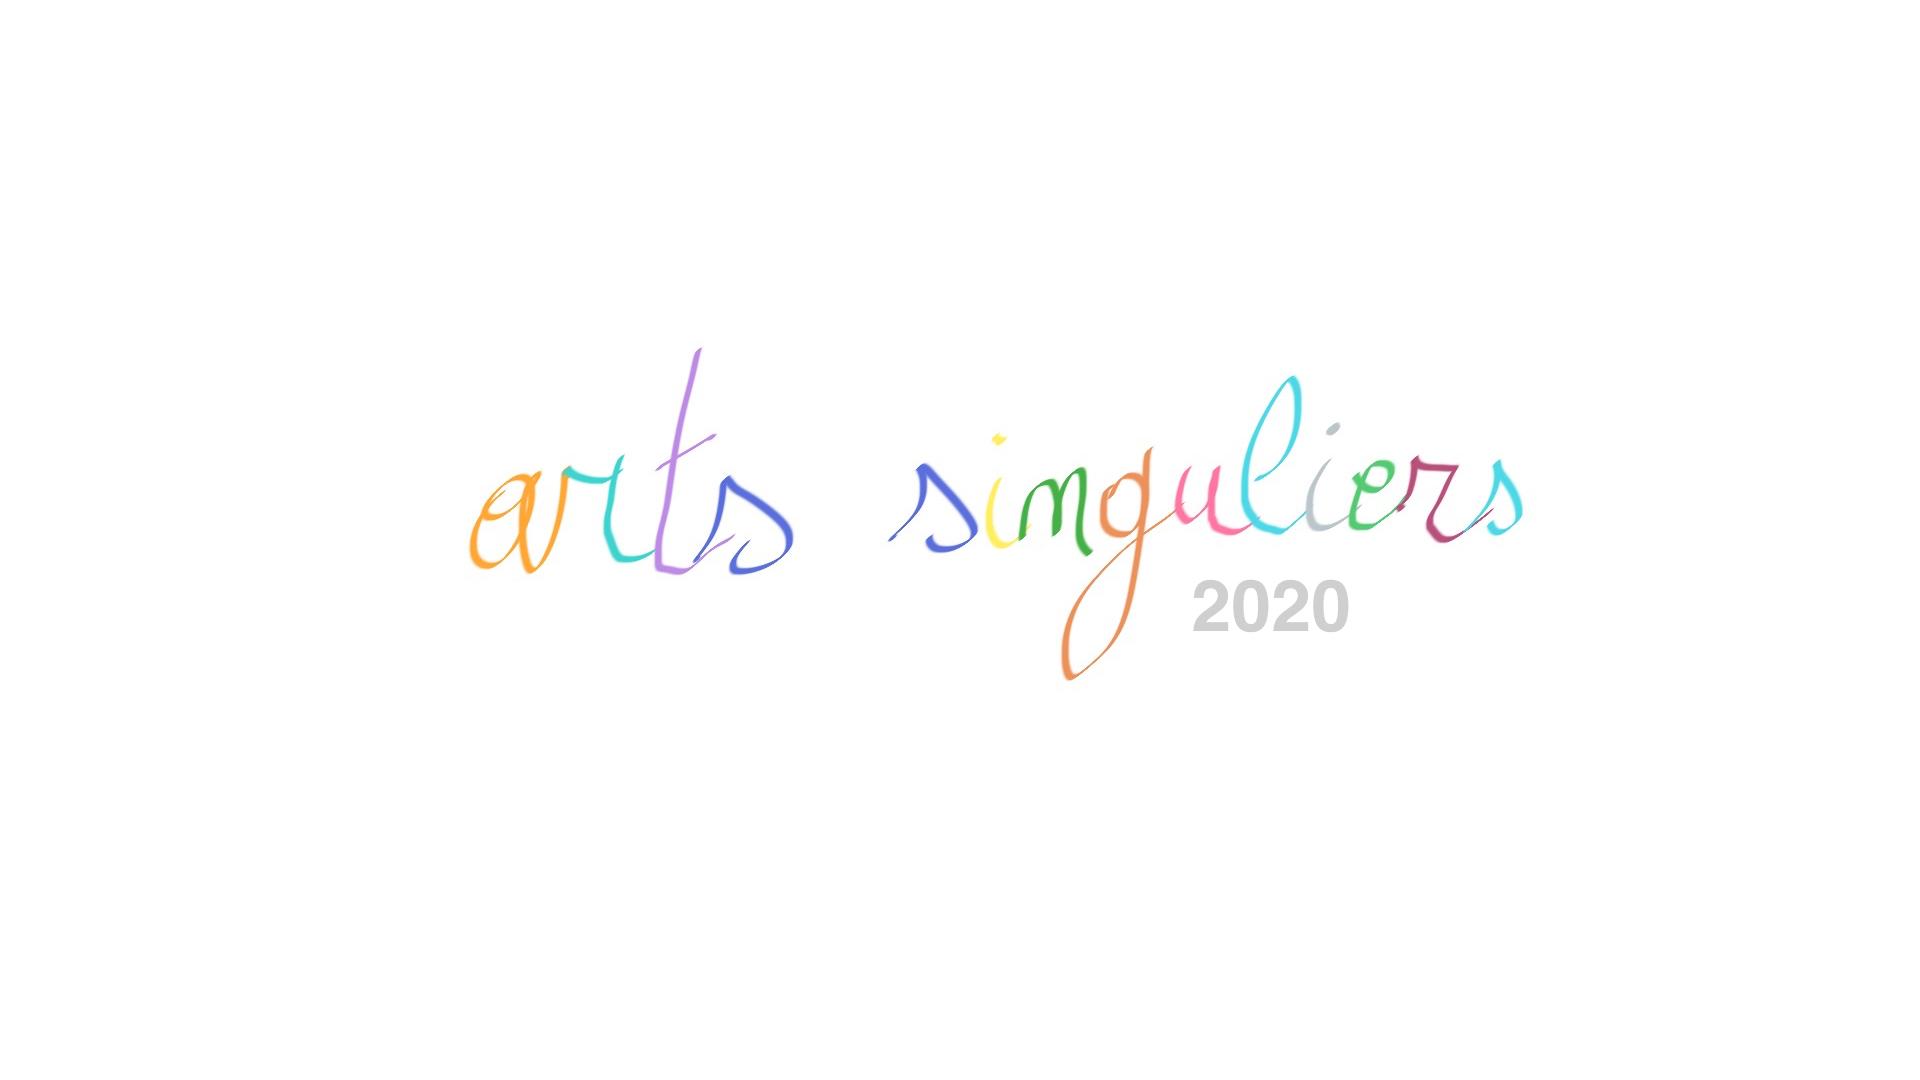 16/04 au 02/05 – Expo – Arts singuliers 2020